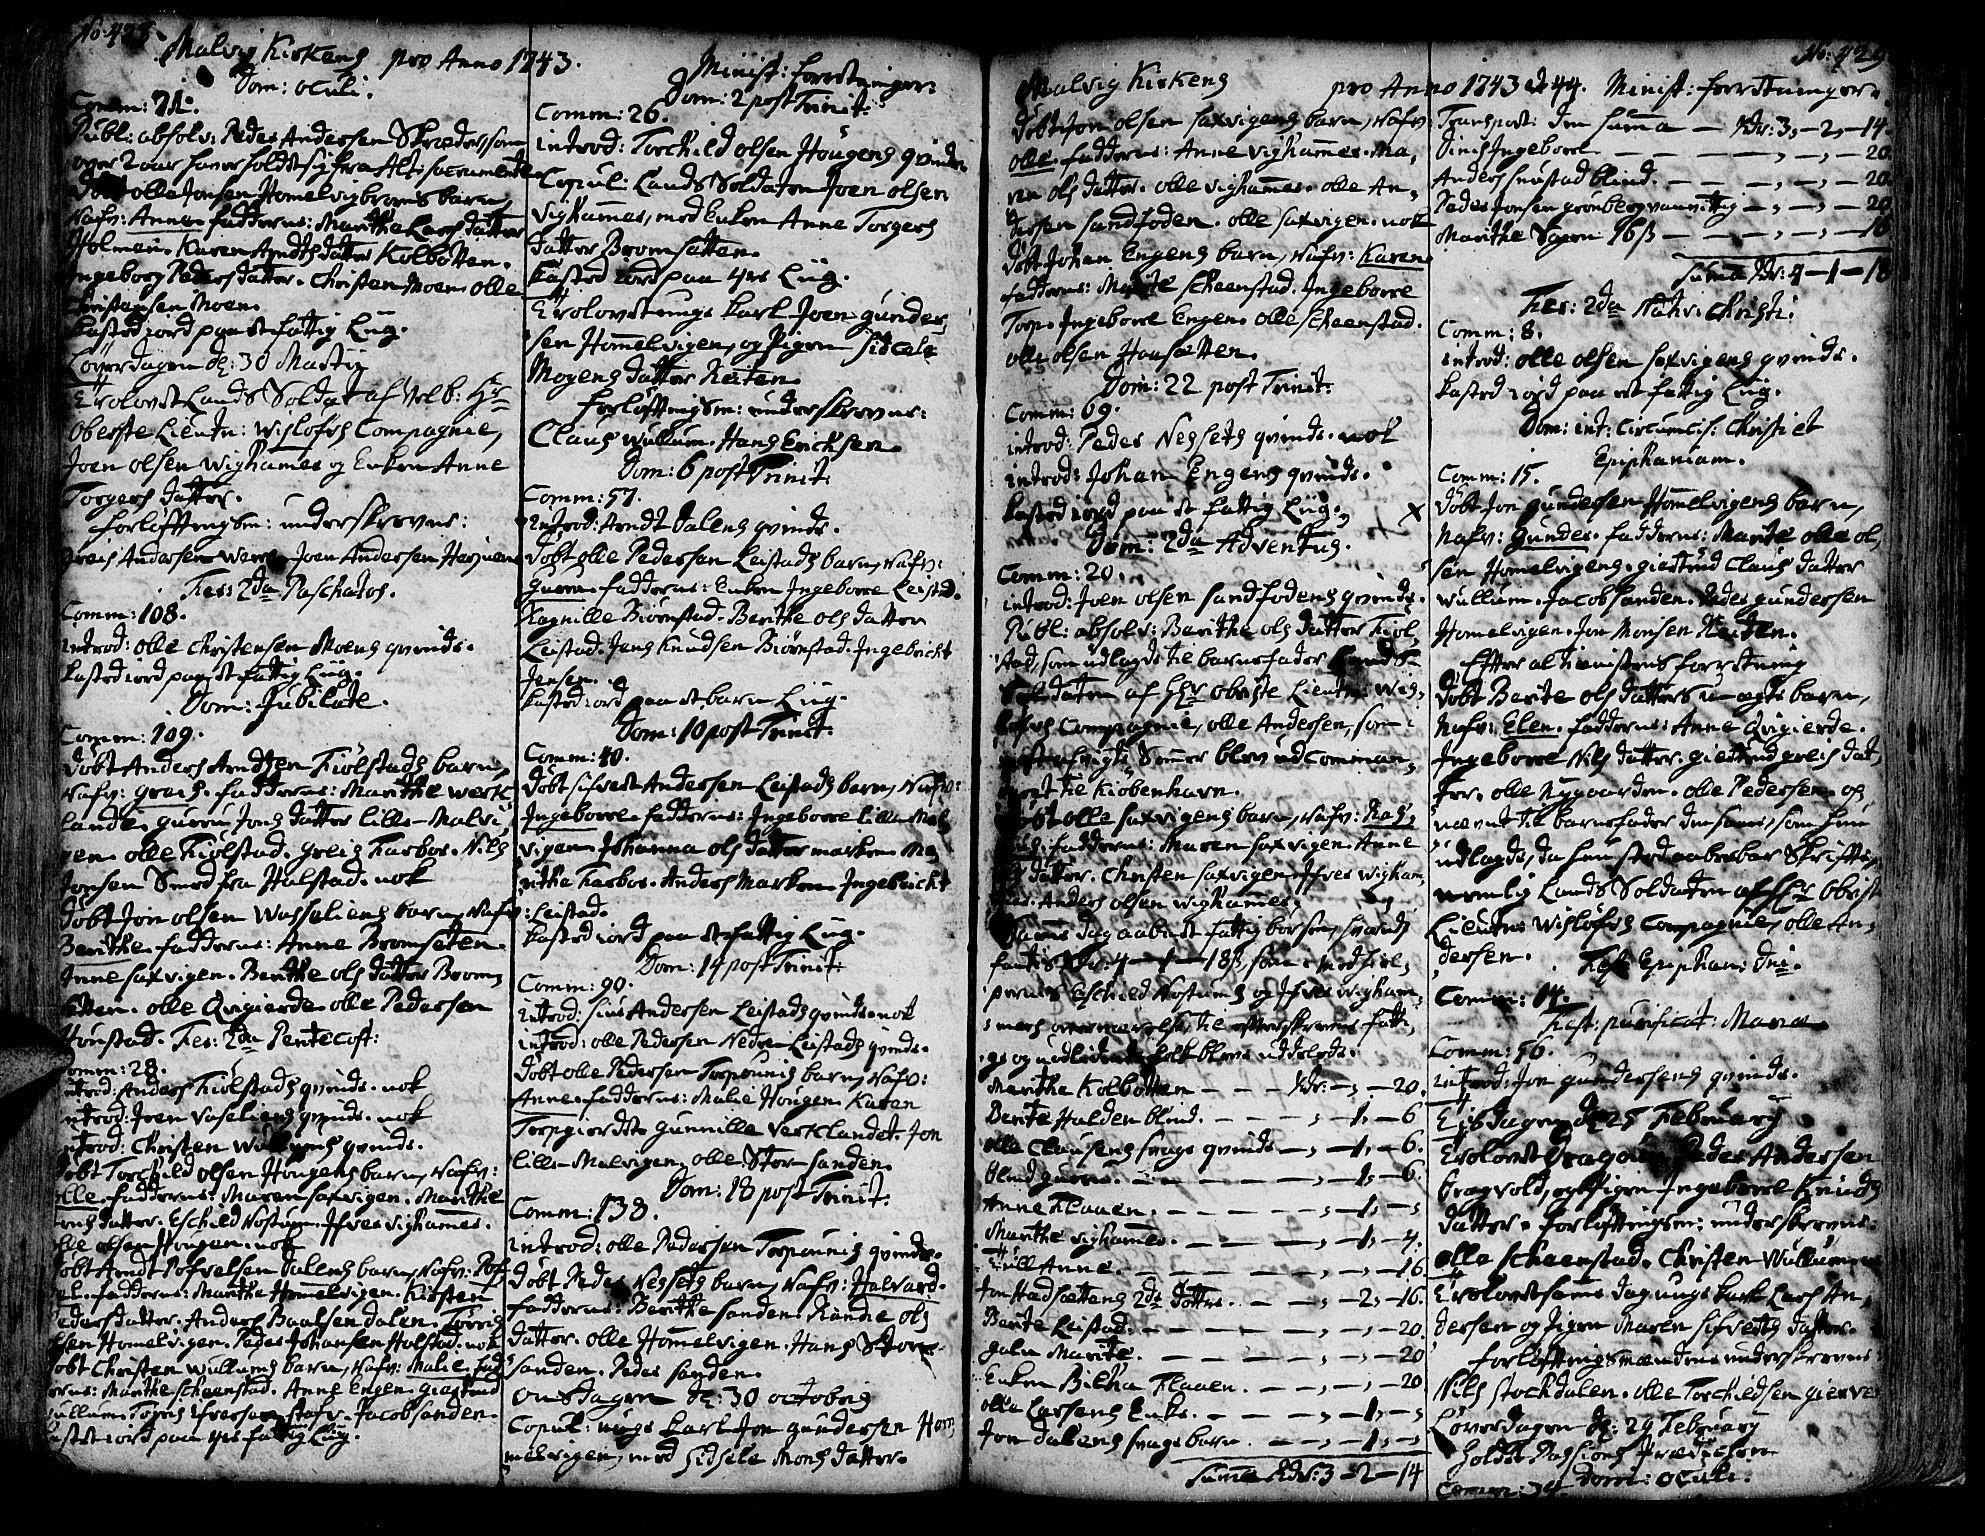 SAT, Ministerialprotokoller, klokkerbøker og fødselsregistre - Sør-Trøndelag, 606/L0277: Ministerialbok nr. 606A01 /3, 1727-1780, s. 428-429